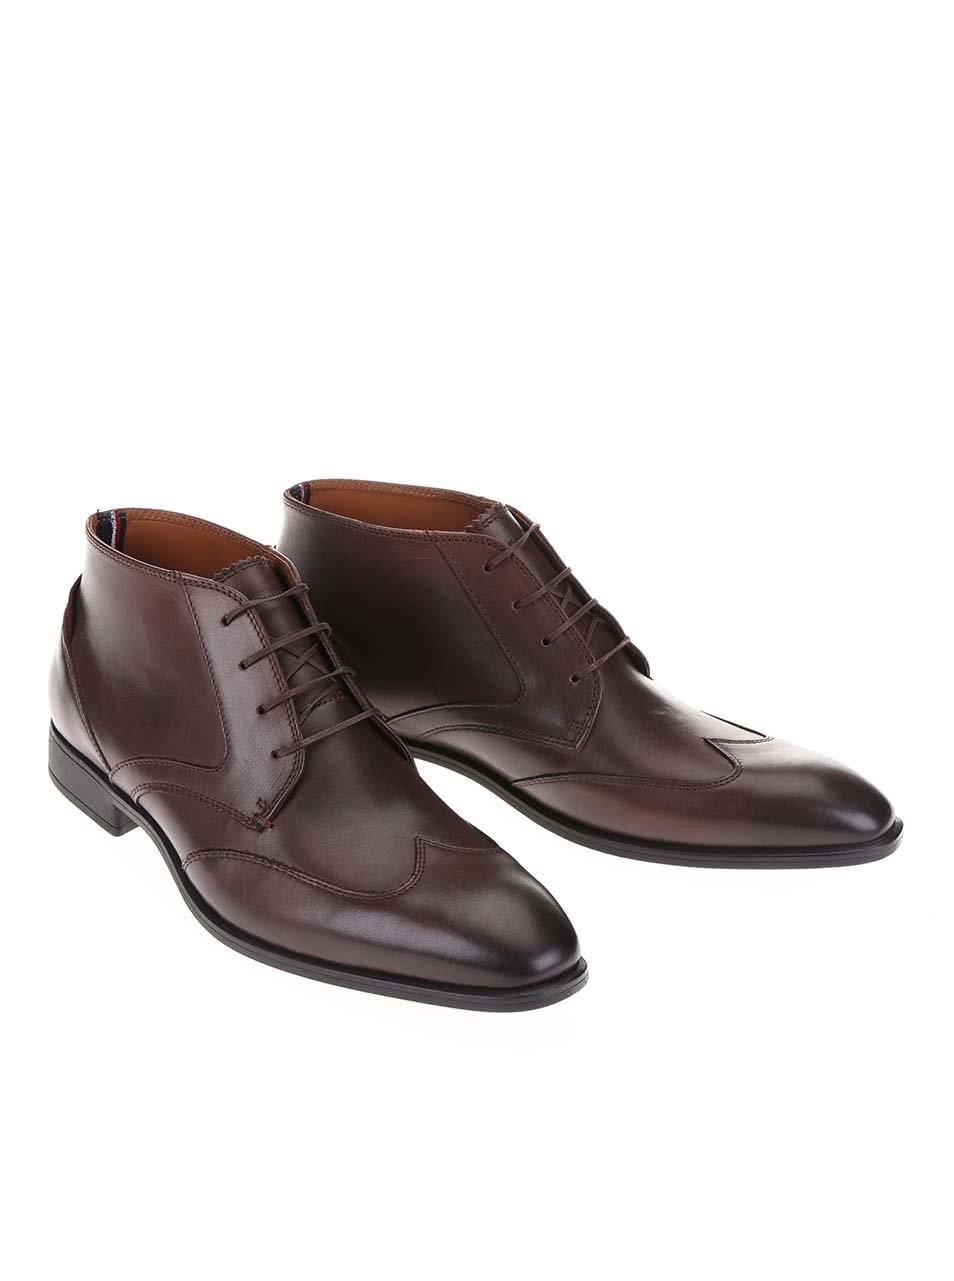 1e25f5f01f2 Tmavě hnědé kožené pánské kotníkové boty Tommy Hilfiger Tommy Rupert ...